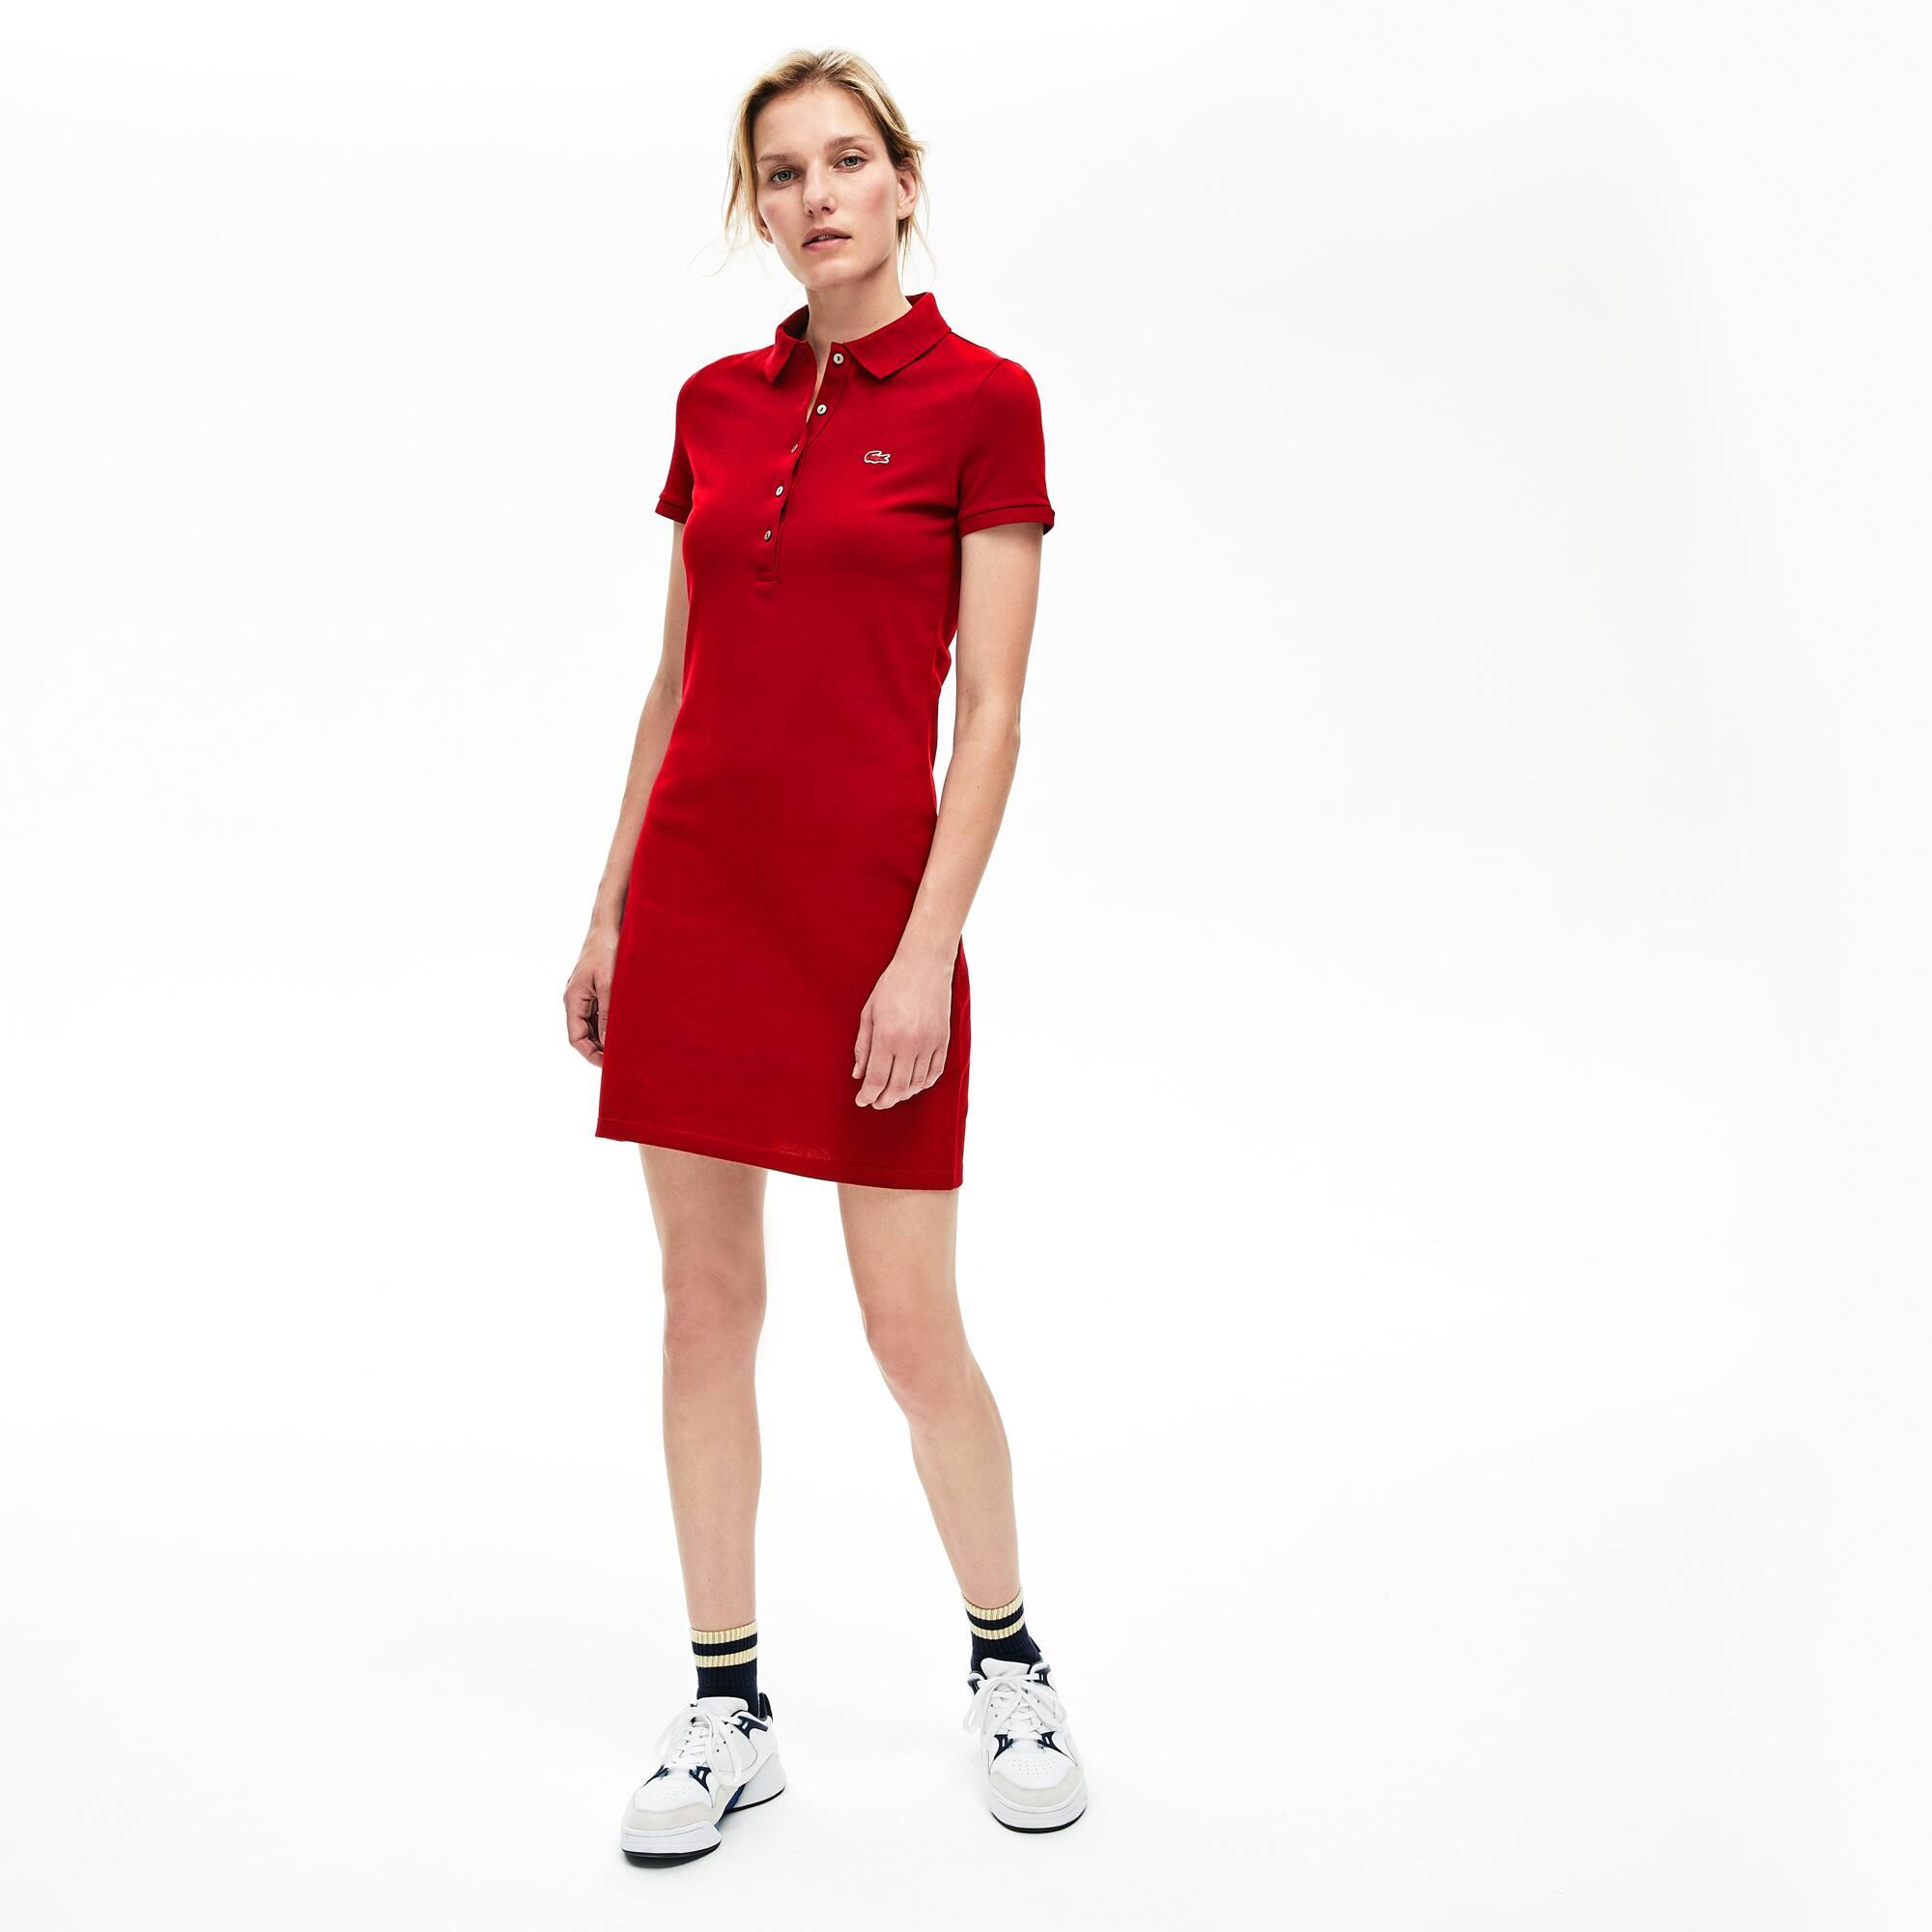 Vestidos y faldas   Moda para mujer   LACOSTE 6a6a494905